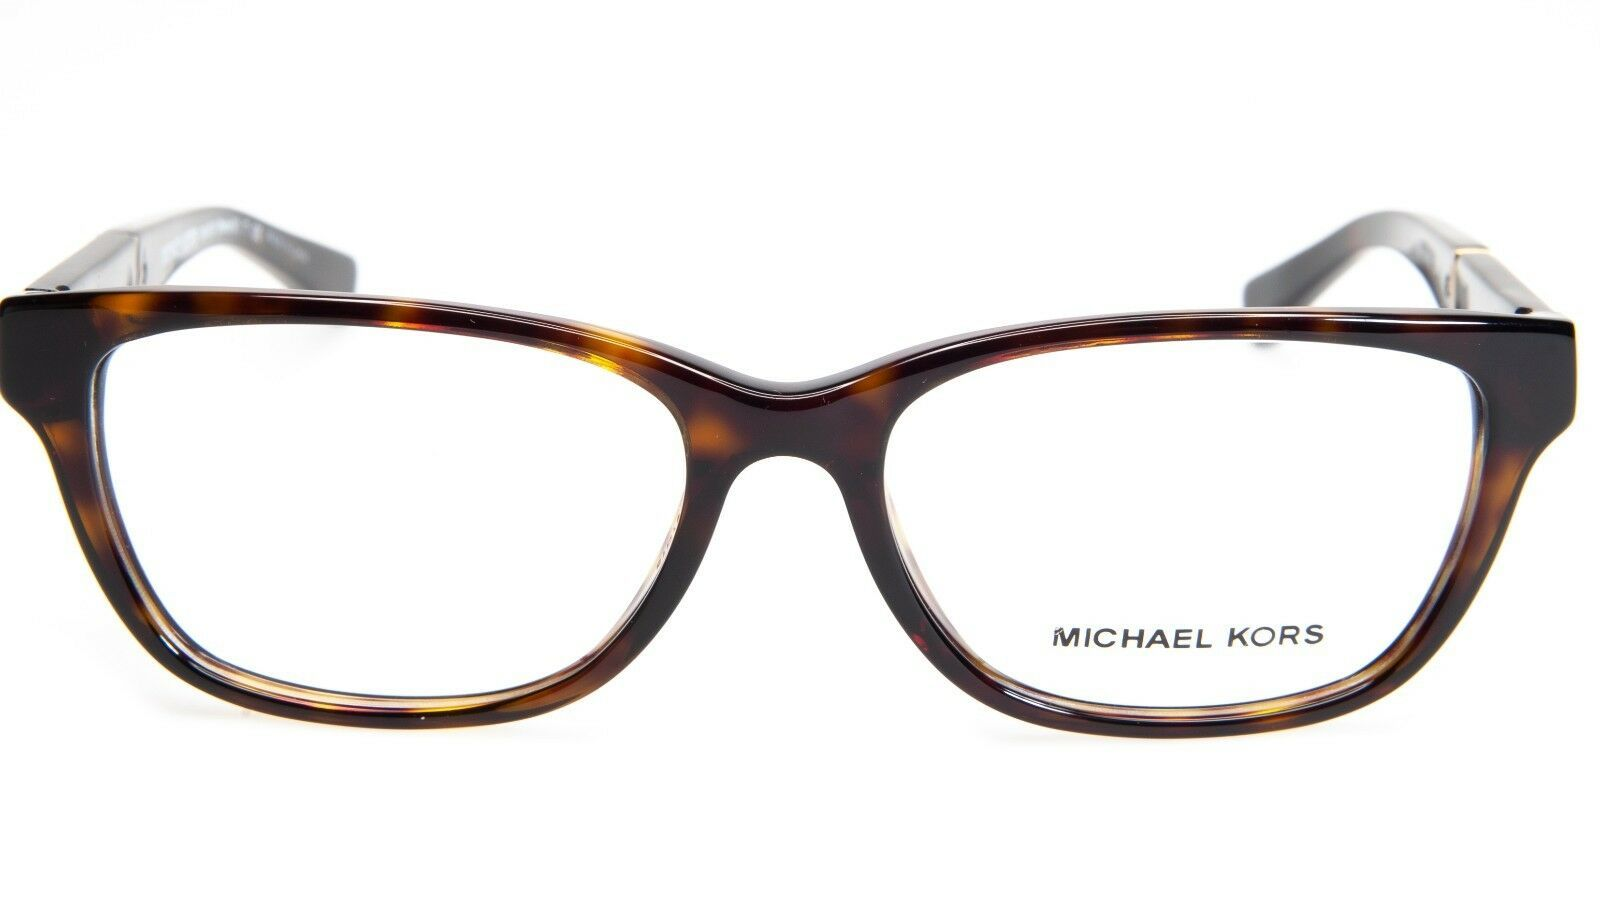 NEW MICHAEL KORS MK4031 Rania IV 3180 TORTOISE EYEGLASSES FRAME 51-15-135 B35mm